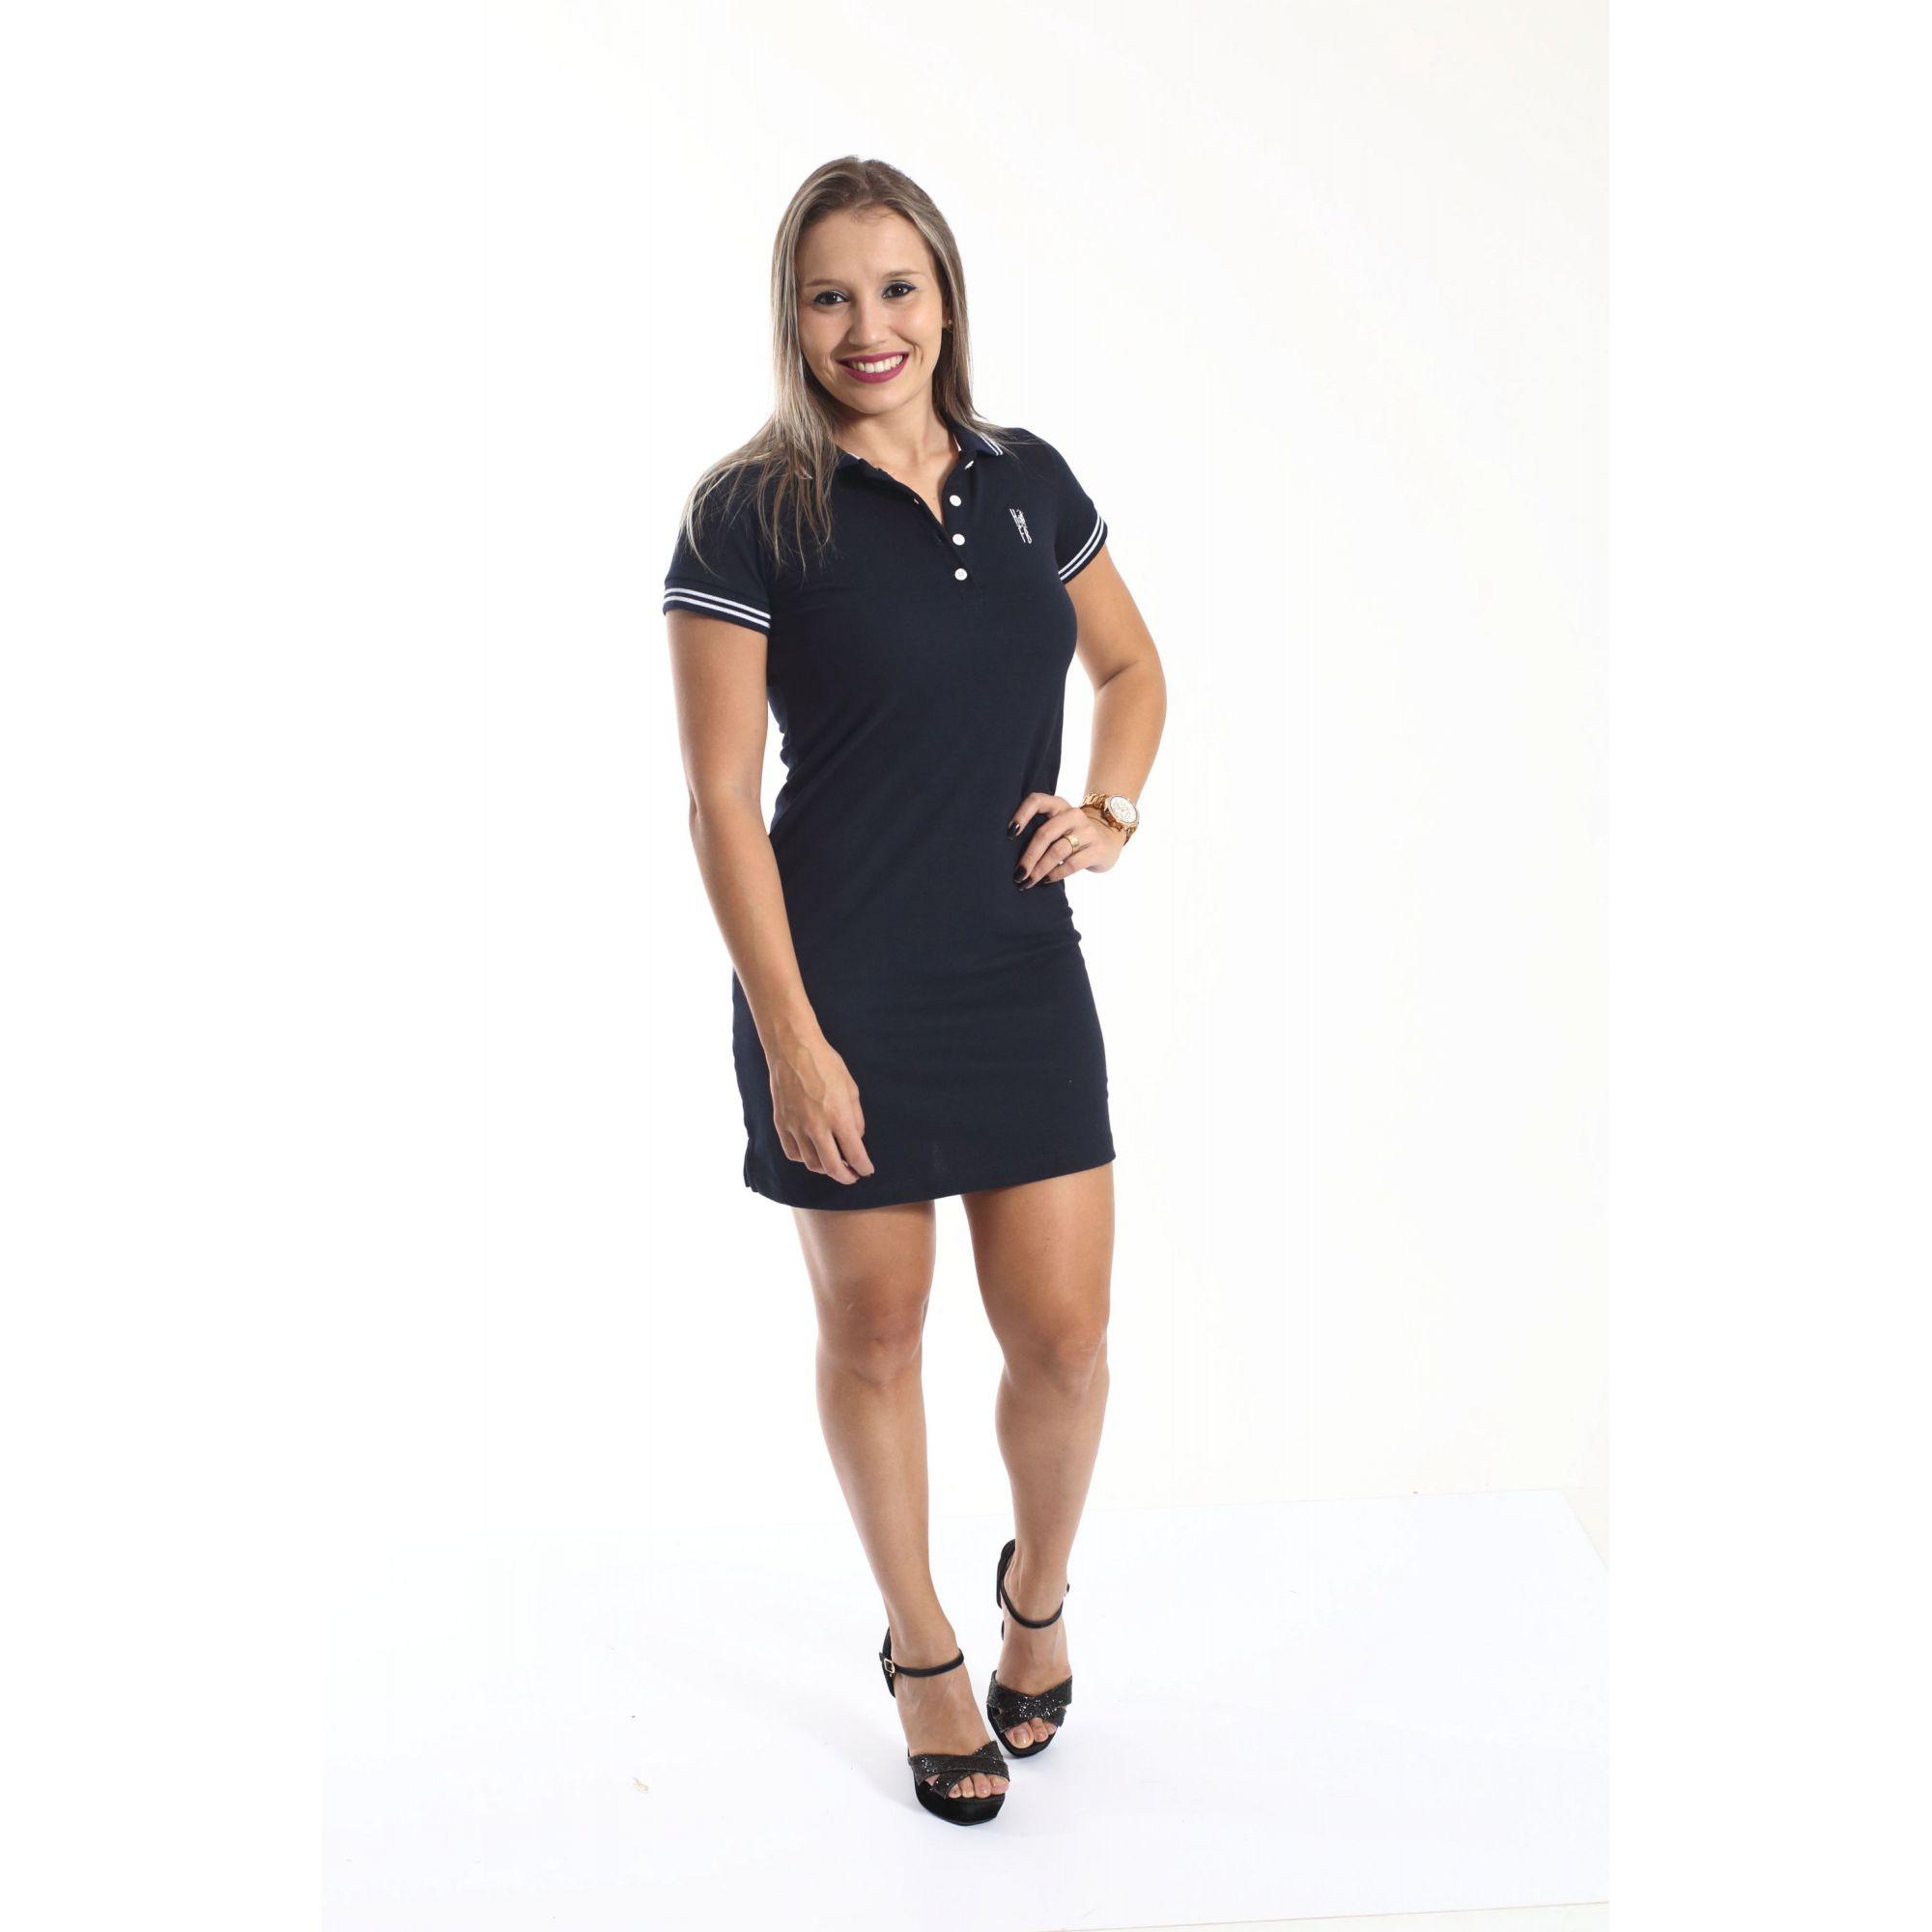 PAIS E PET > Kit 3 peças Camisa + Vestido Polo + Bandana - Azul Marinho Céu [Coleção Família]  - Heitor Fashion Brazil